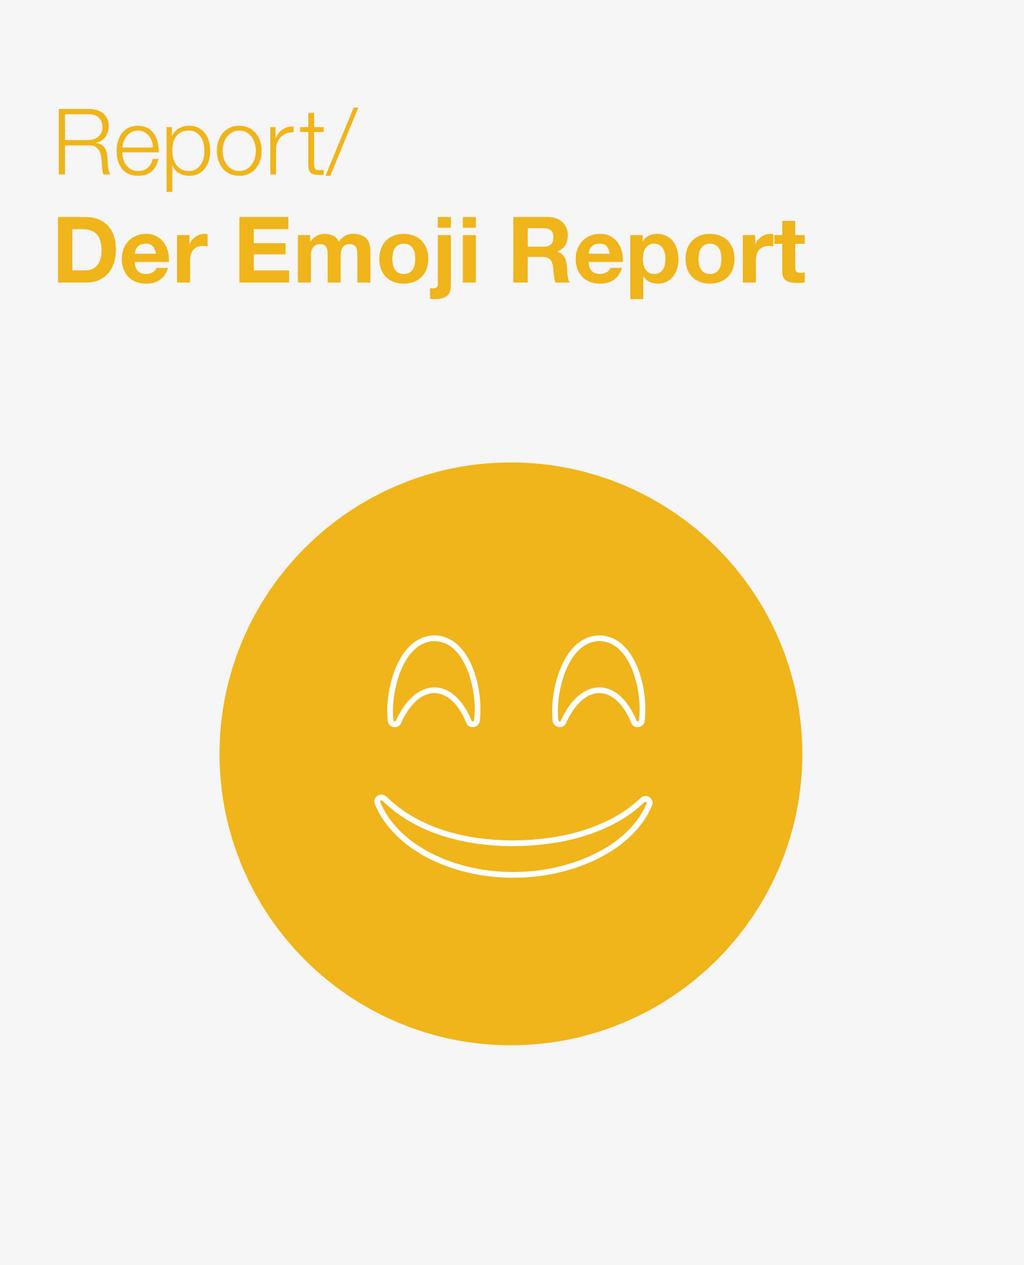 Deutsch emoji bedeutung liste 💁♀️ Komplette